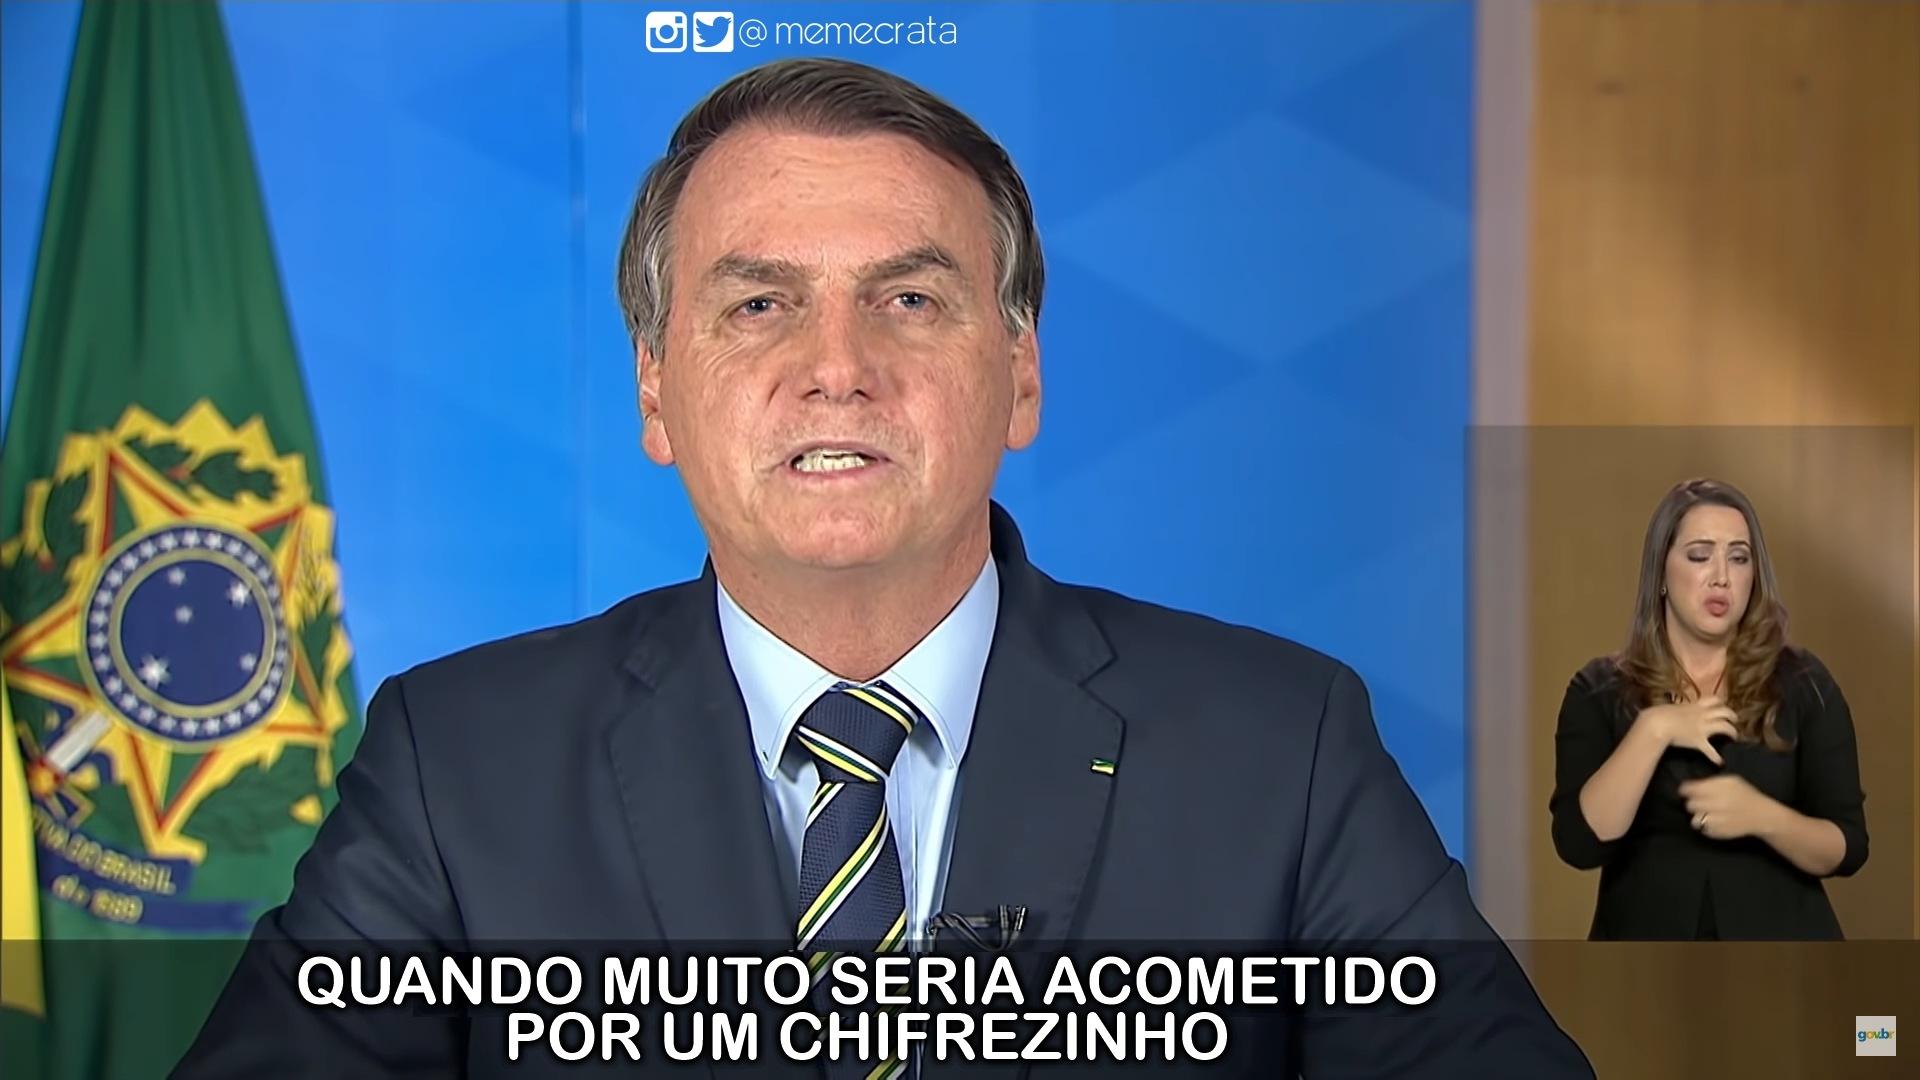 Só um cara com dor de corno pra desgraçar o país desse jeito. Agora tudo se explica! #BolsonaroCorno